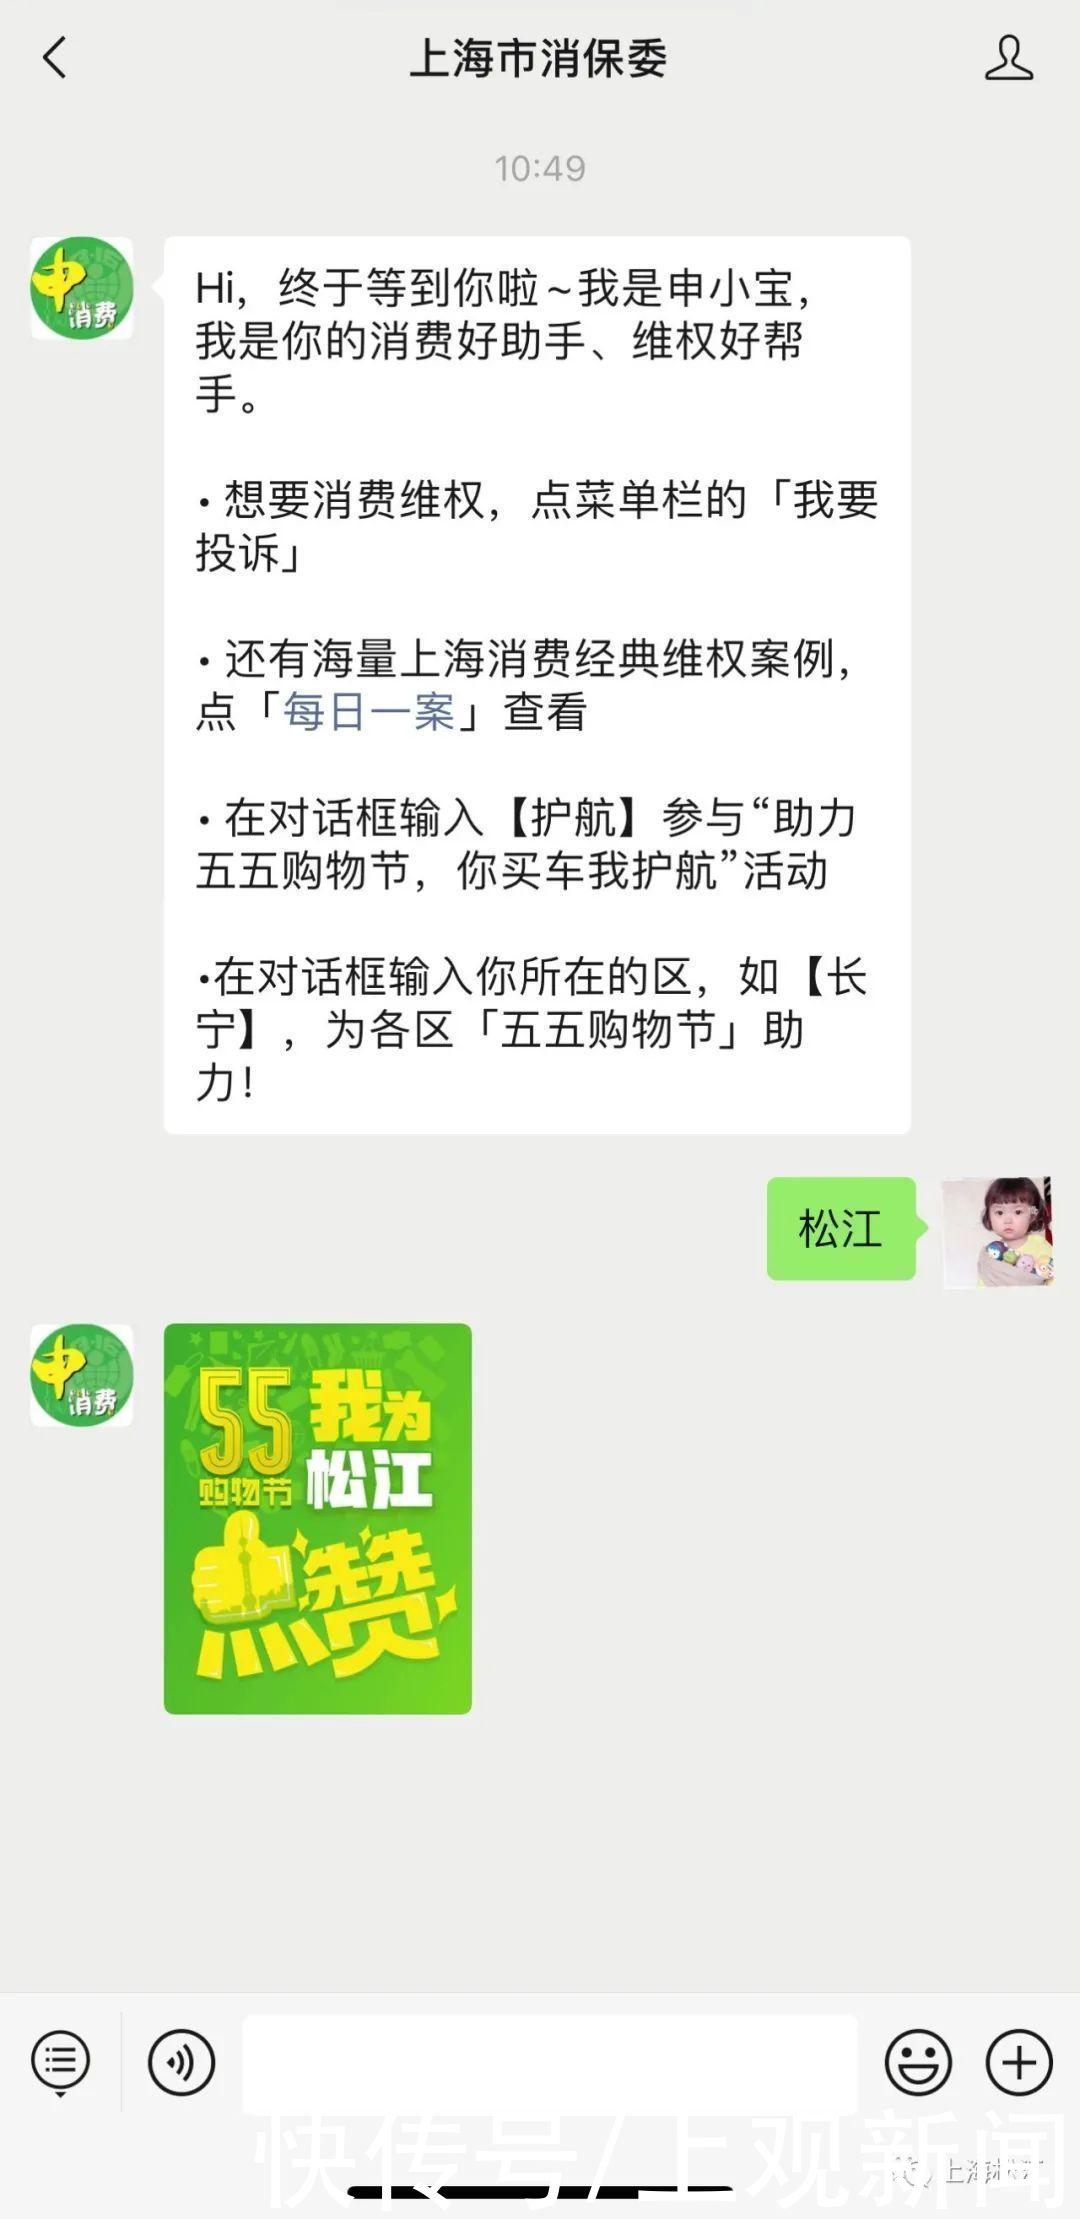 """松江""""五五購物節""""好給力,別忘瞭來點贊"""